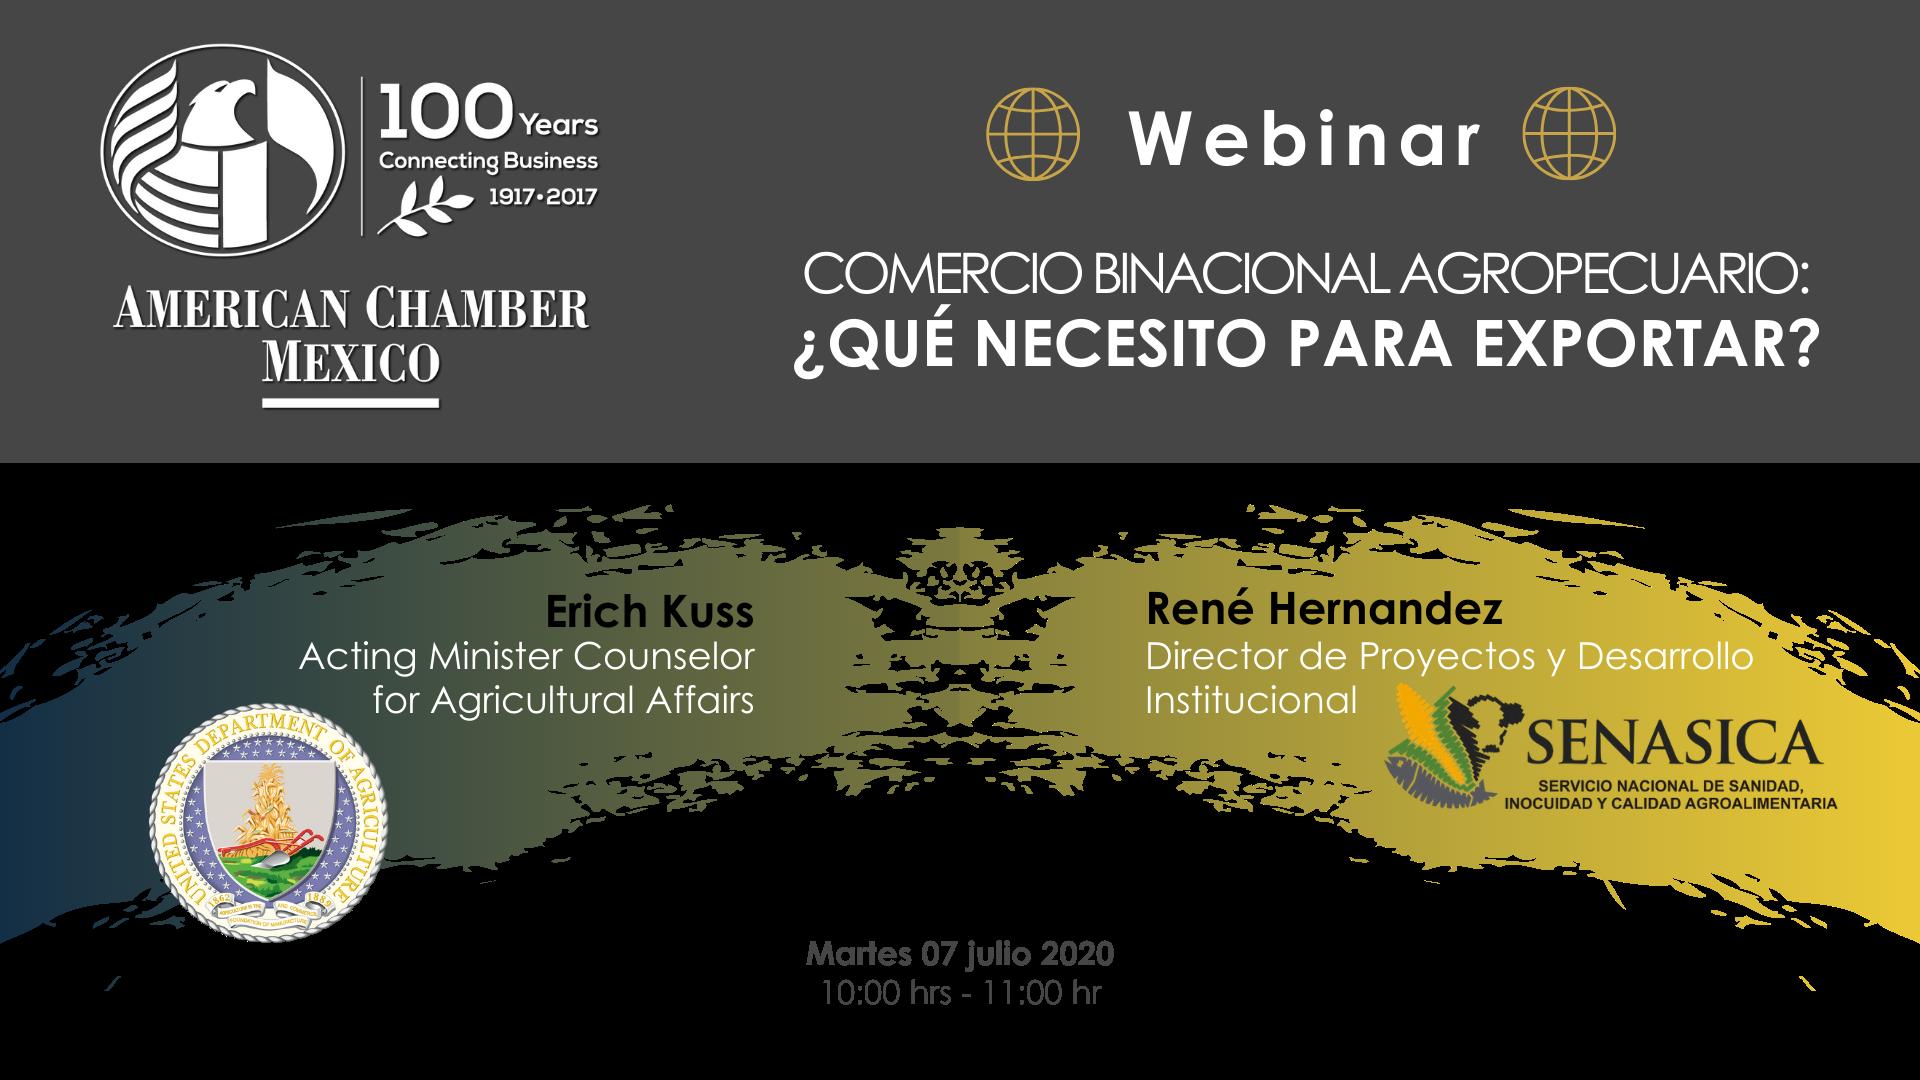 MTY WEBINAR - Comercio Binacional Agropecuario: ¿Qué necesito para exportar?